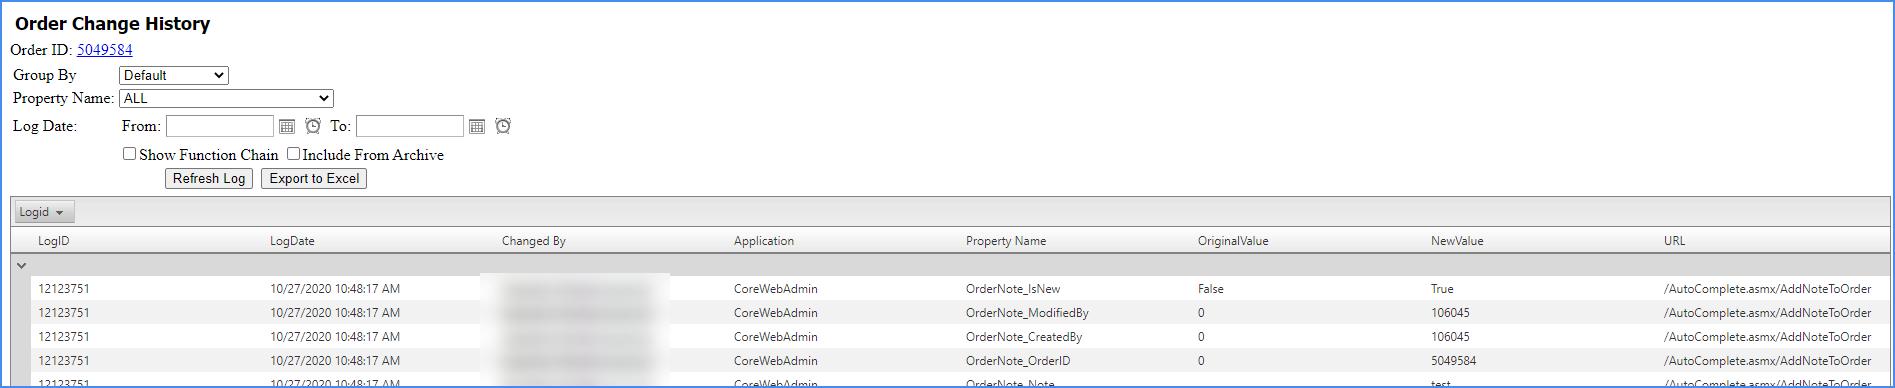 sellercloud order change log order details page order details change log history